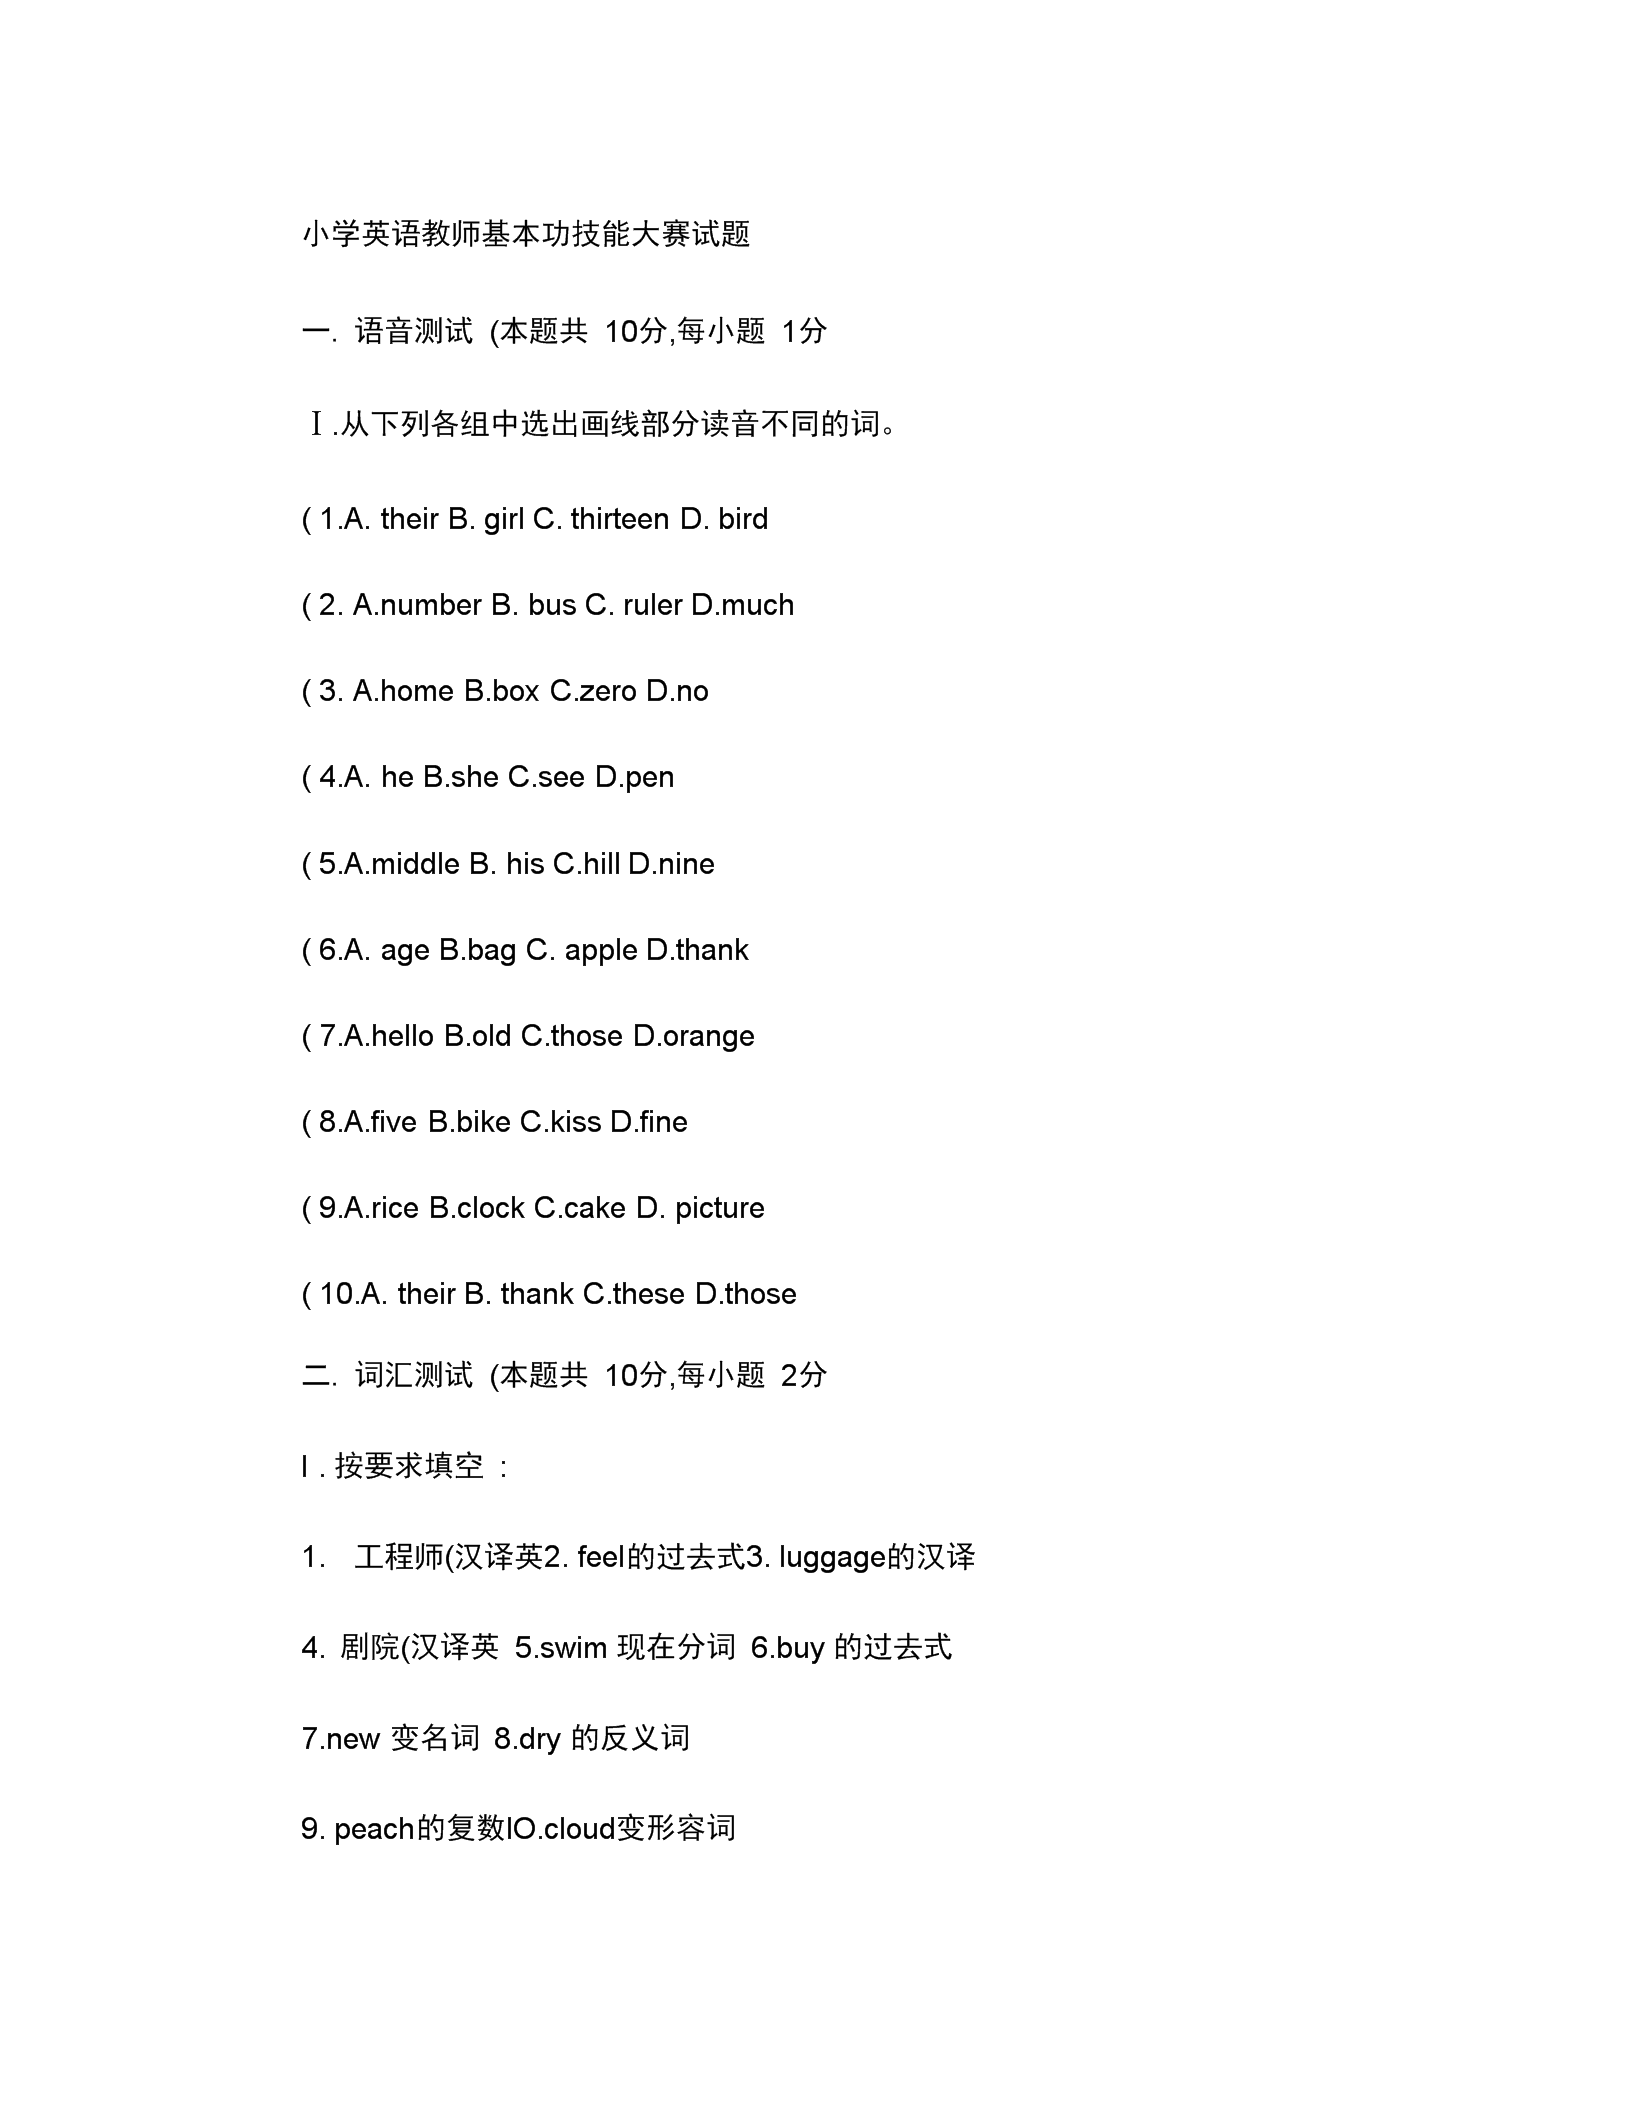 小学英语教师基本功技能大赛试题201402.docx